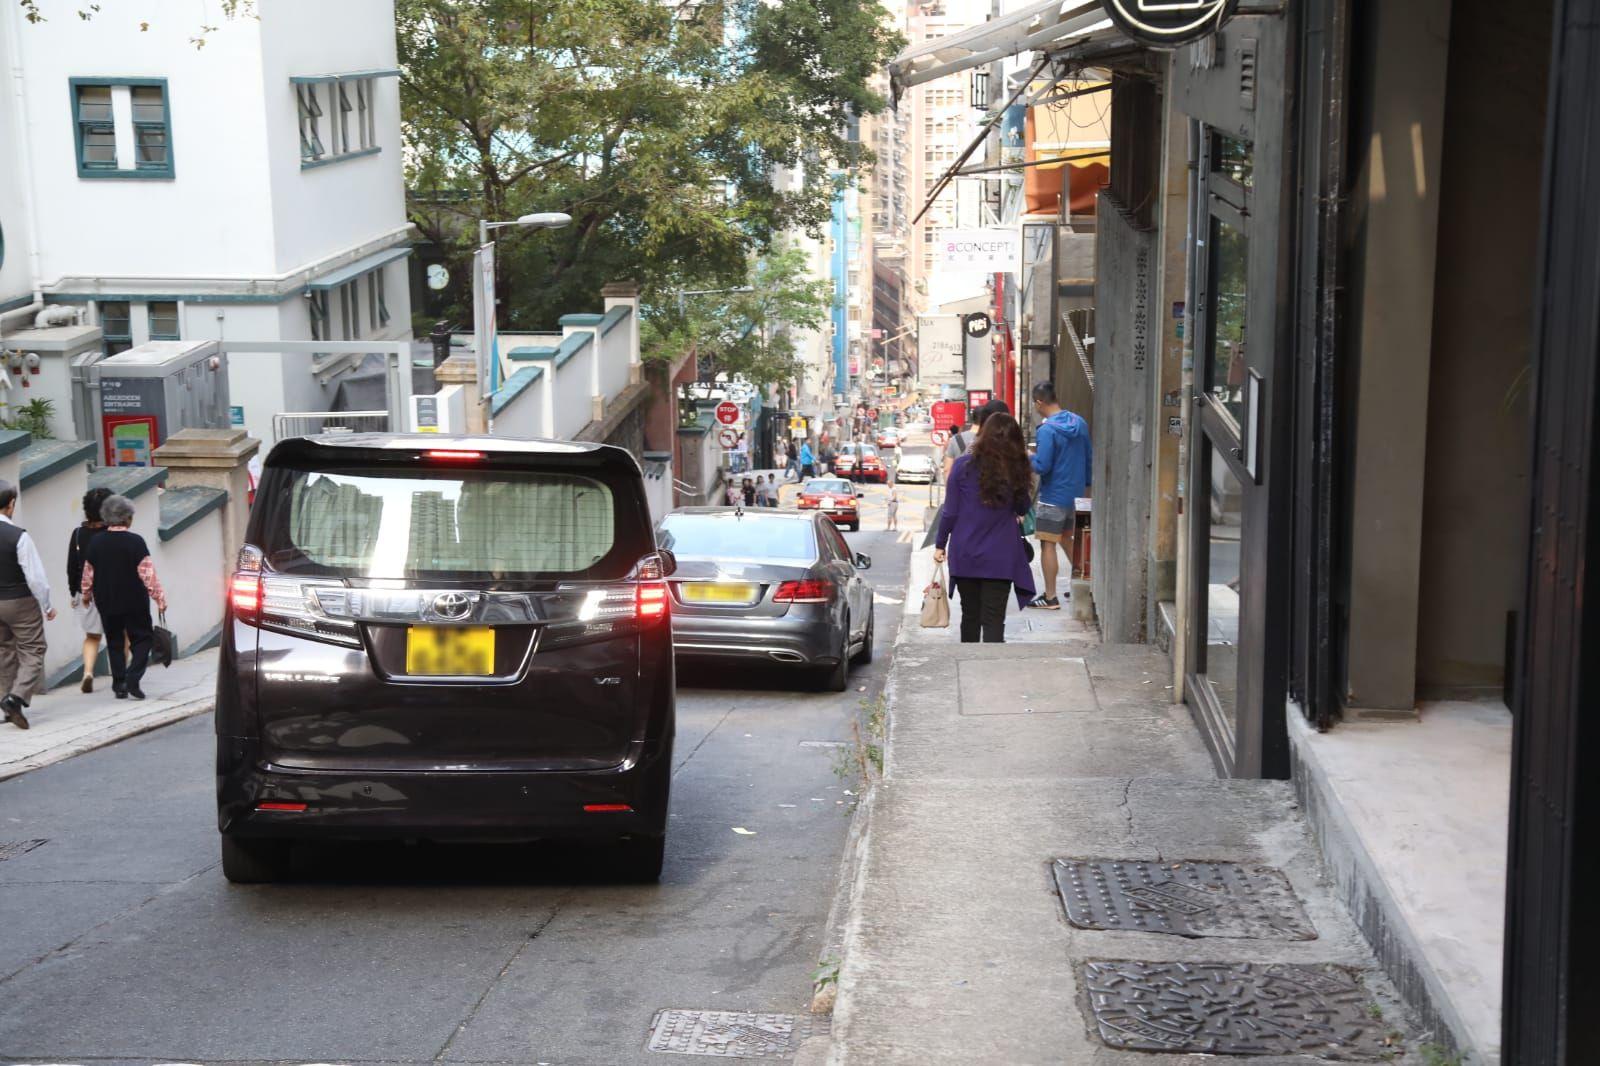 栢芝的7人車昨日曾現身店舖外,但隨即駛走。